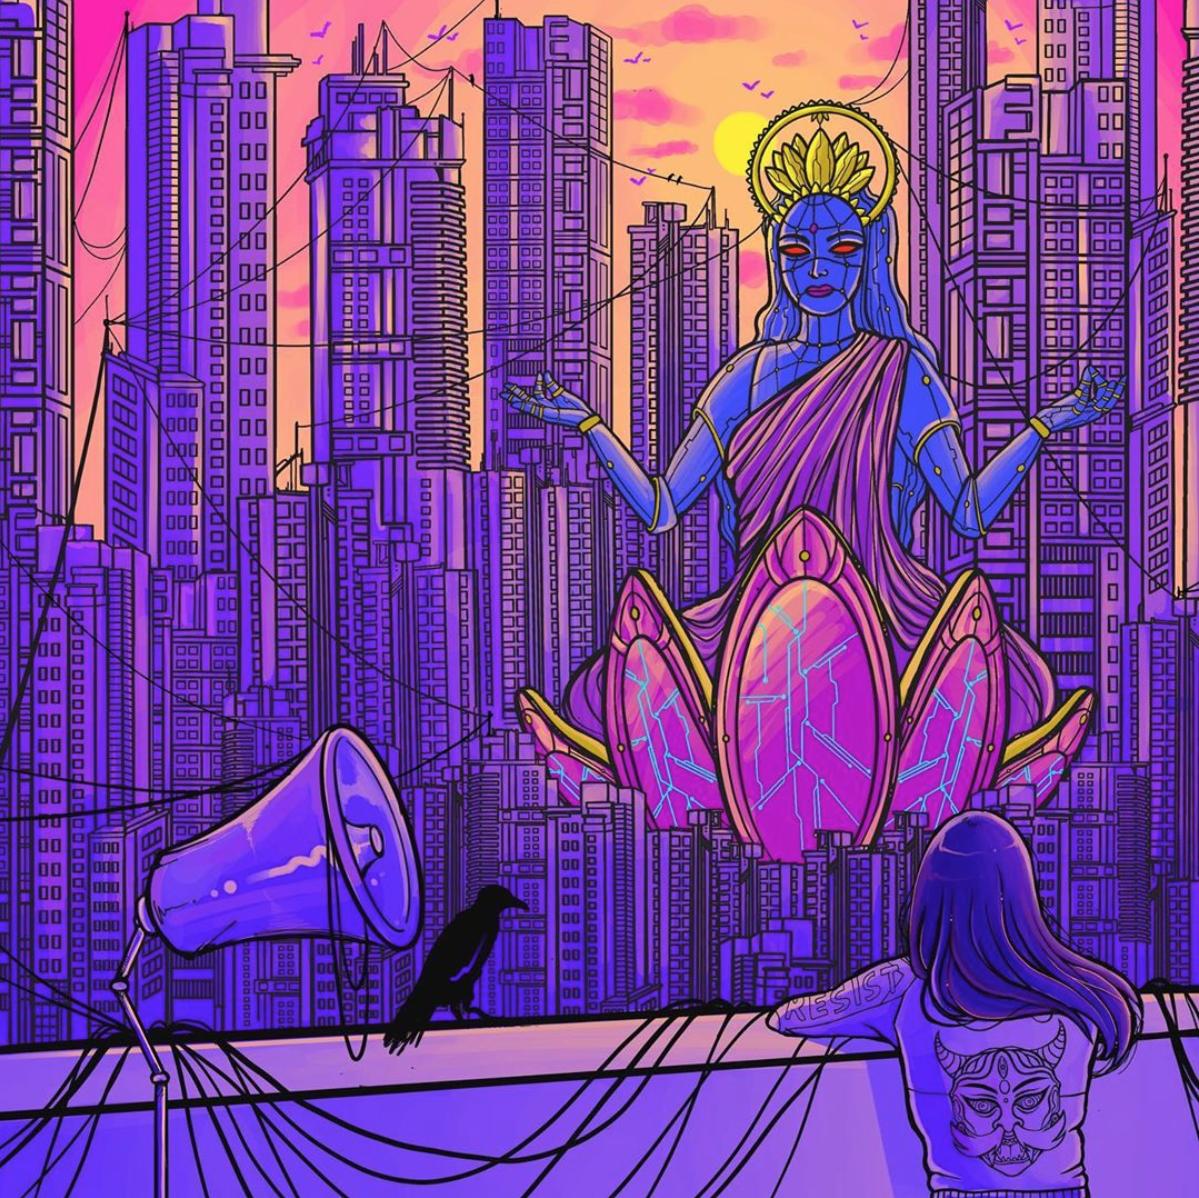 girlsclub-asia-sam-madhu-3